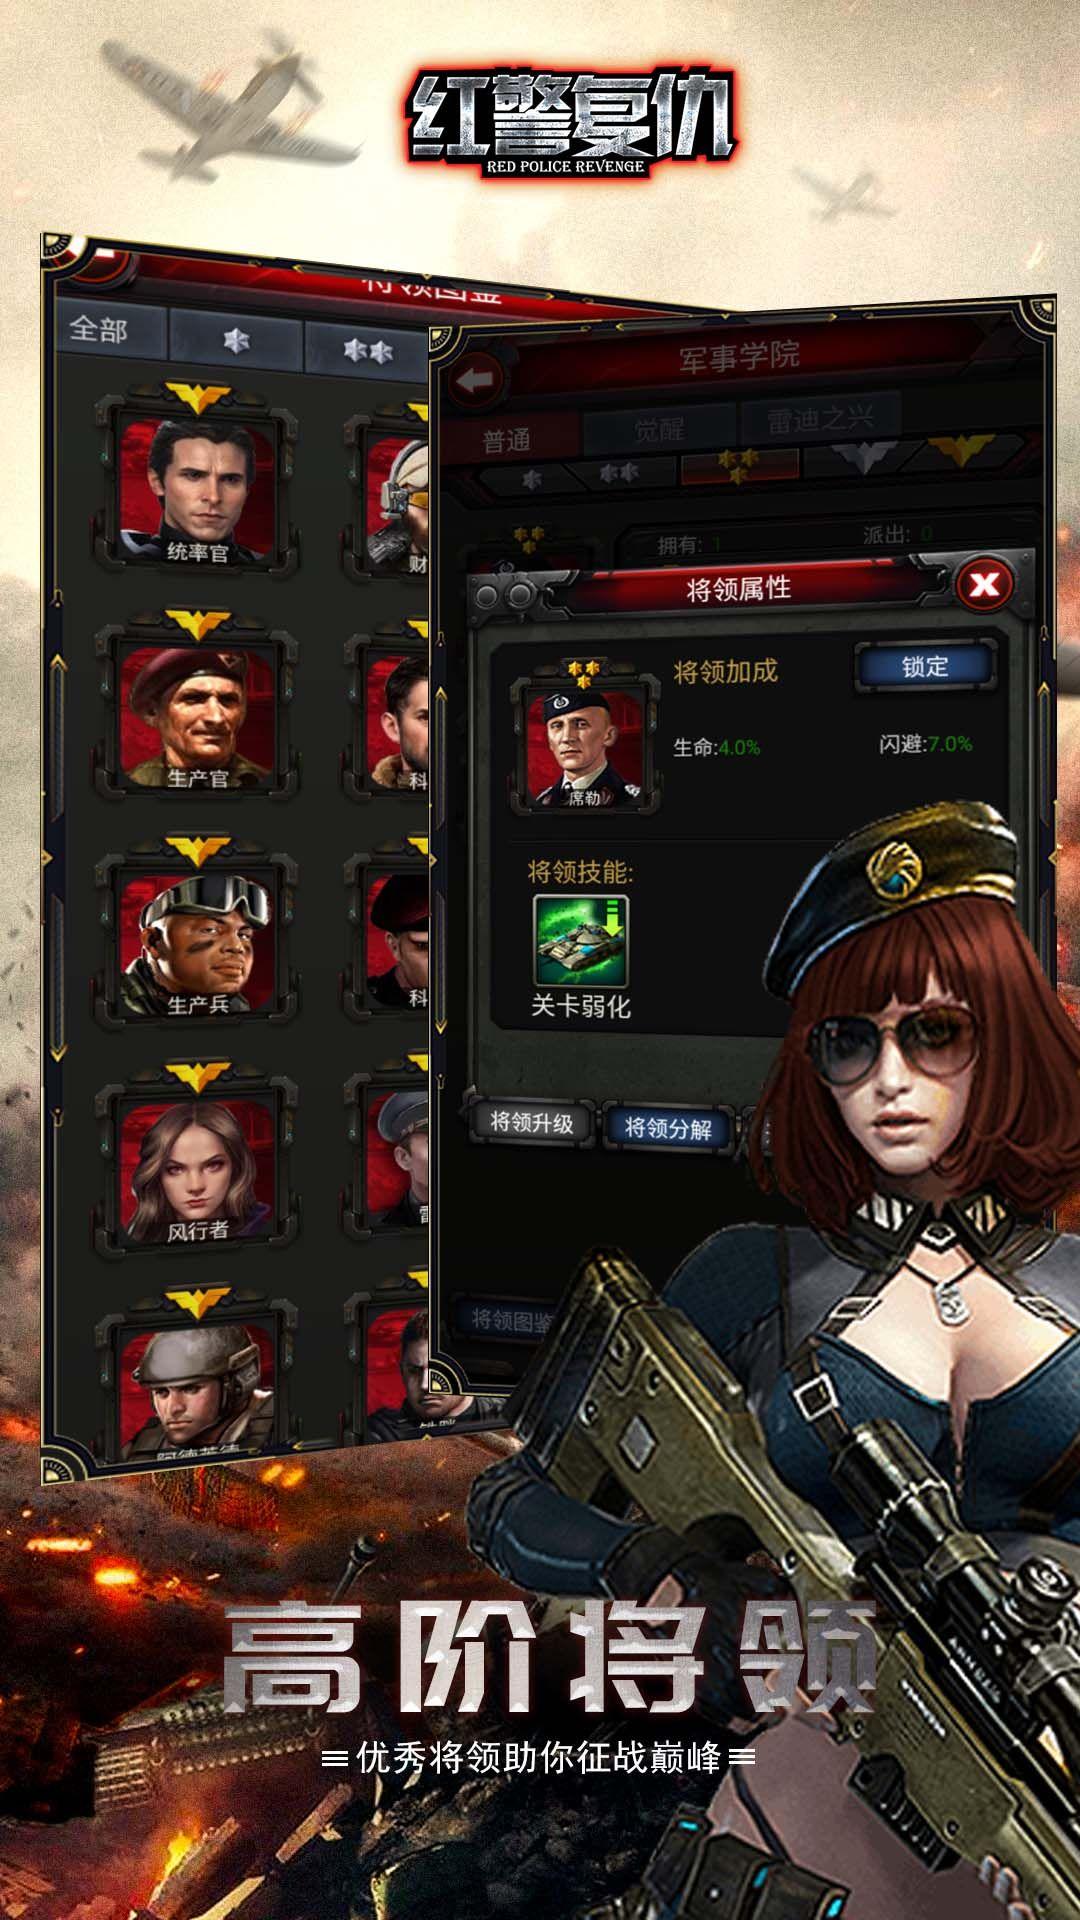 红警复仇_游戏介绍图